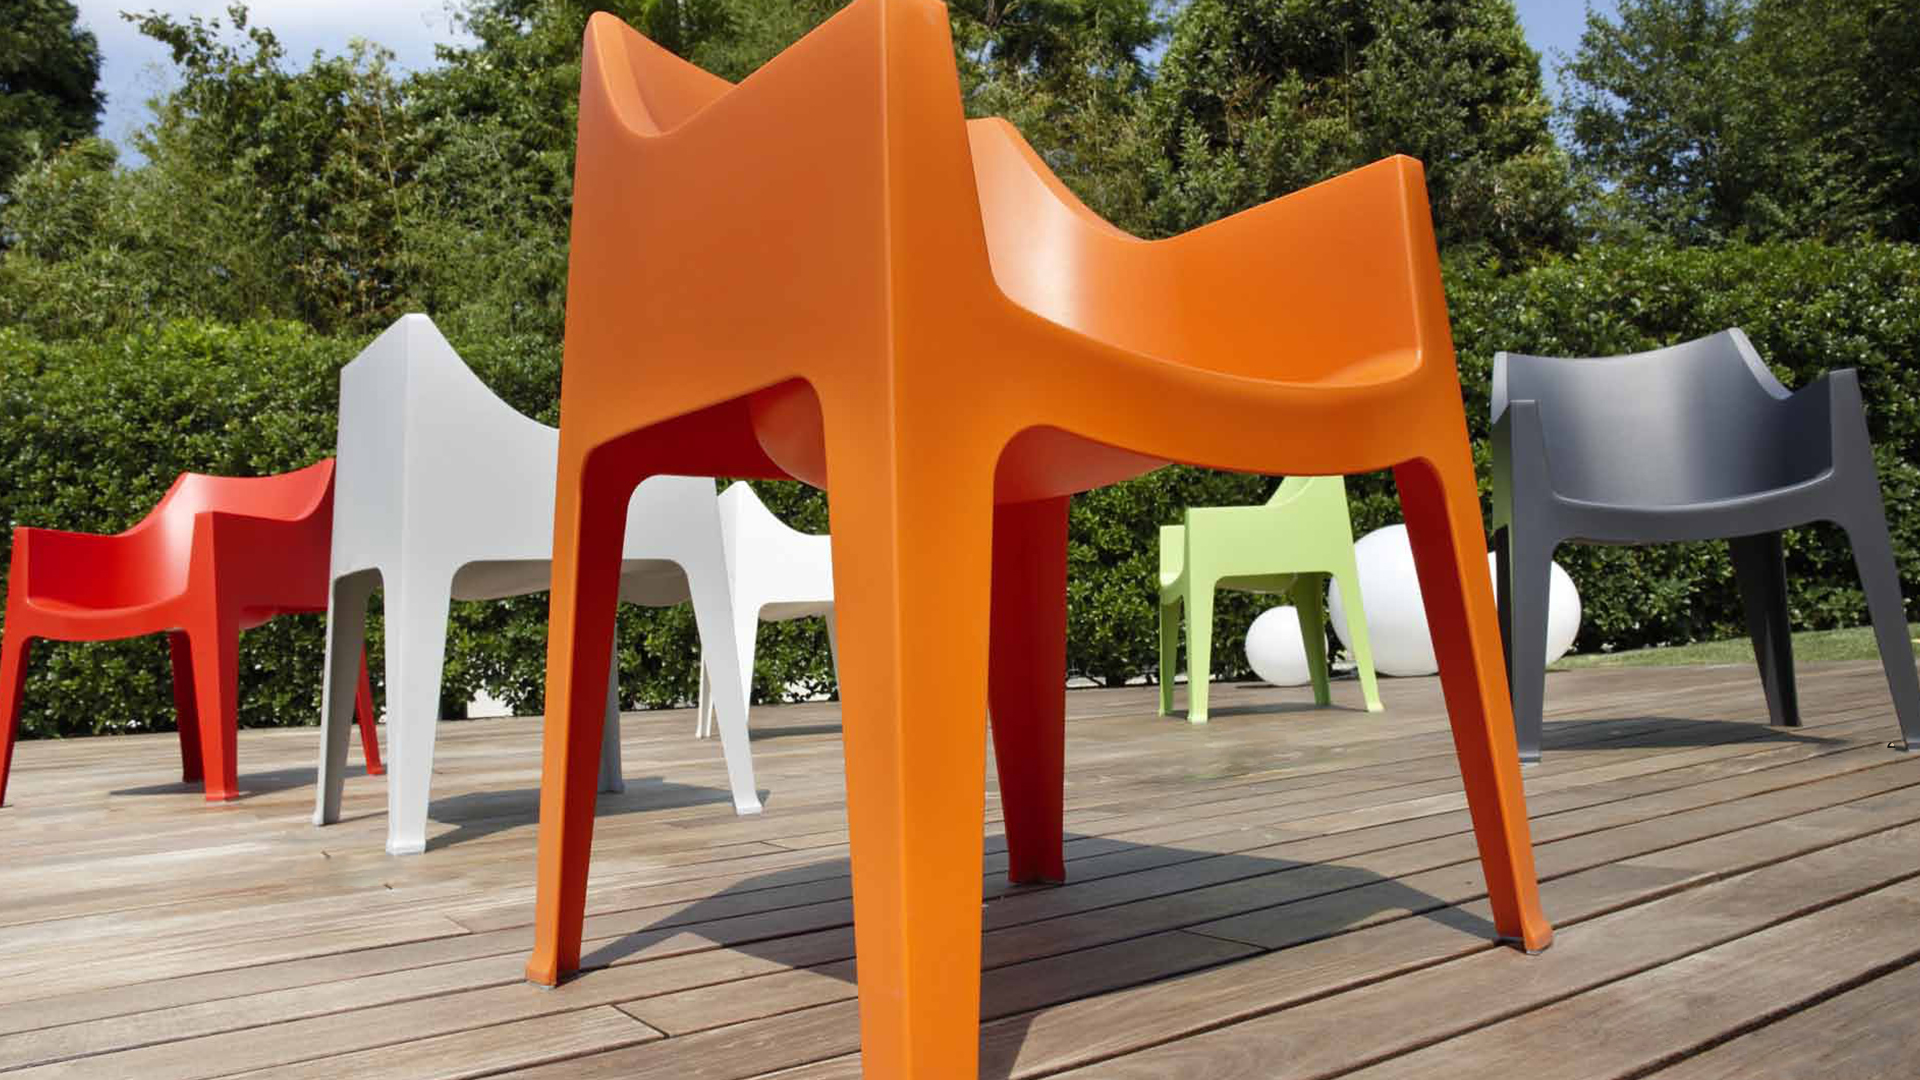 chaise fauteuil moule divers coloris mobilier moss design occolona le blog mobilier moss. Black Bedroom Furniture Sets. Home Design Ideas